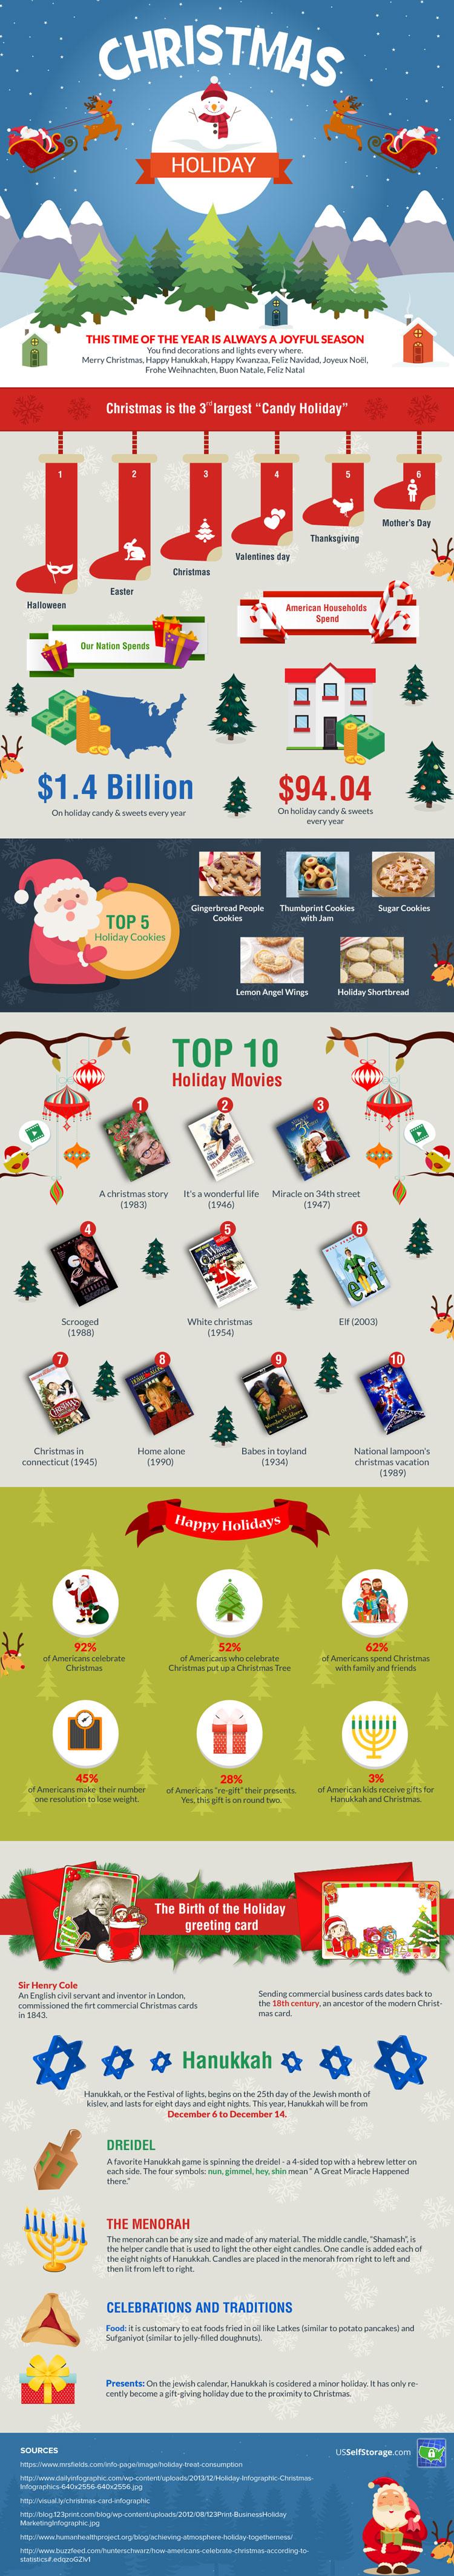 Christmas Holiday Infographic